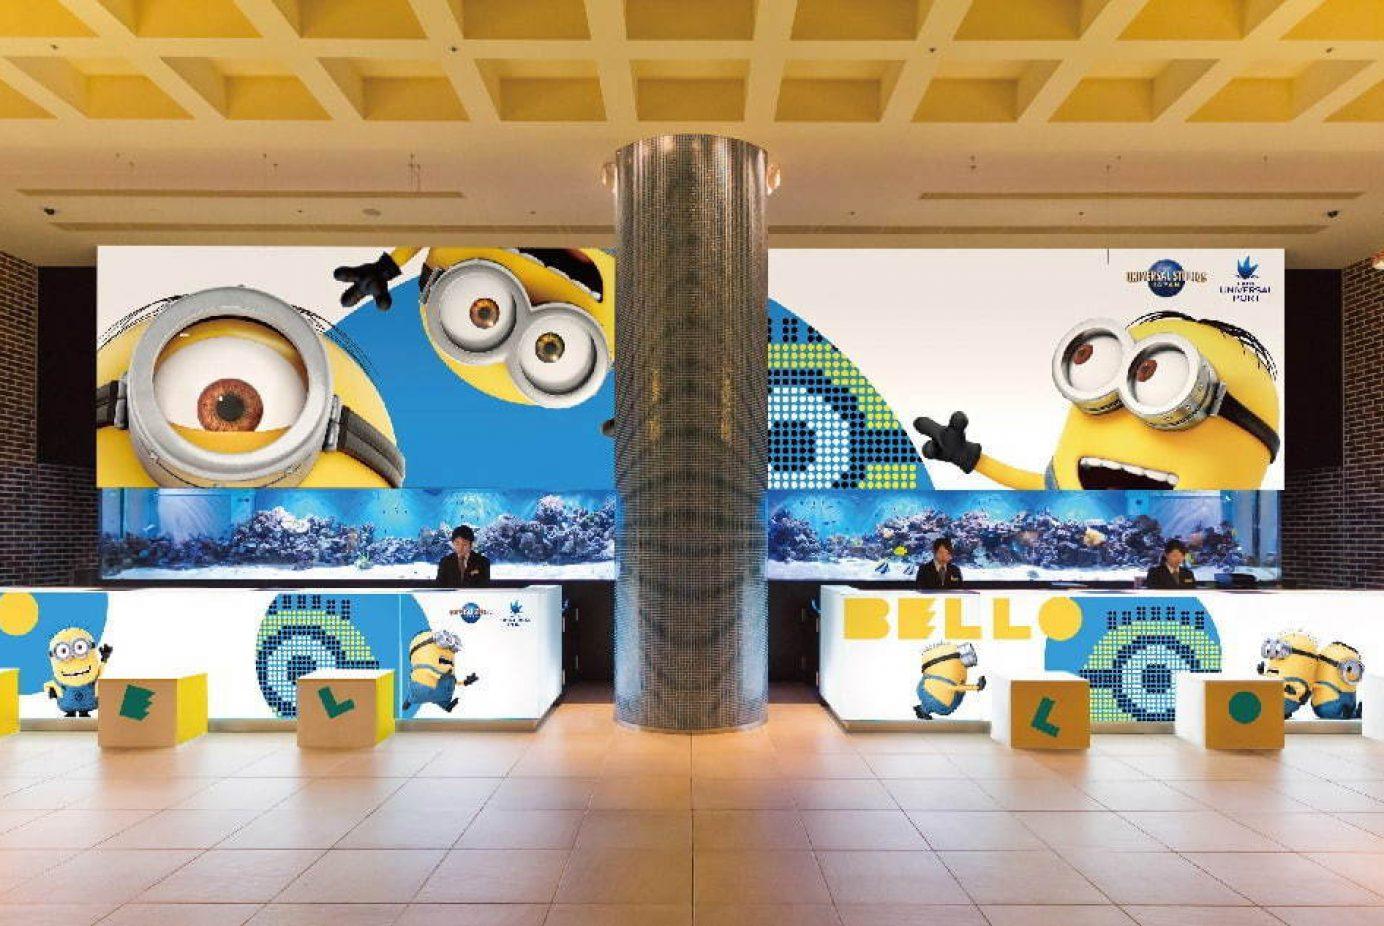 【日本環球影城官方酒店】Minions is coming!小小兵與你同住大阪環球港飯店,陪你一起童心未泯